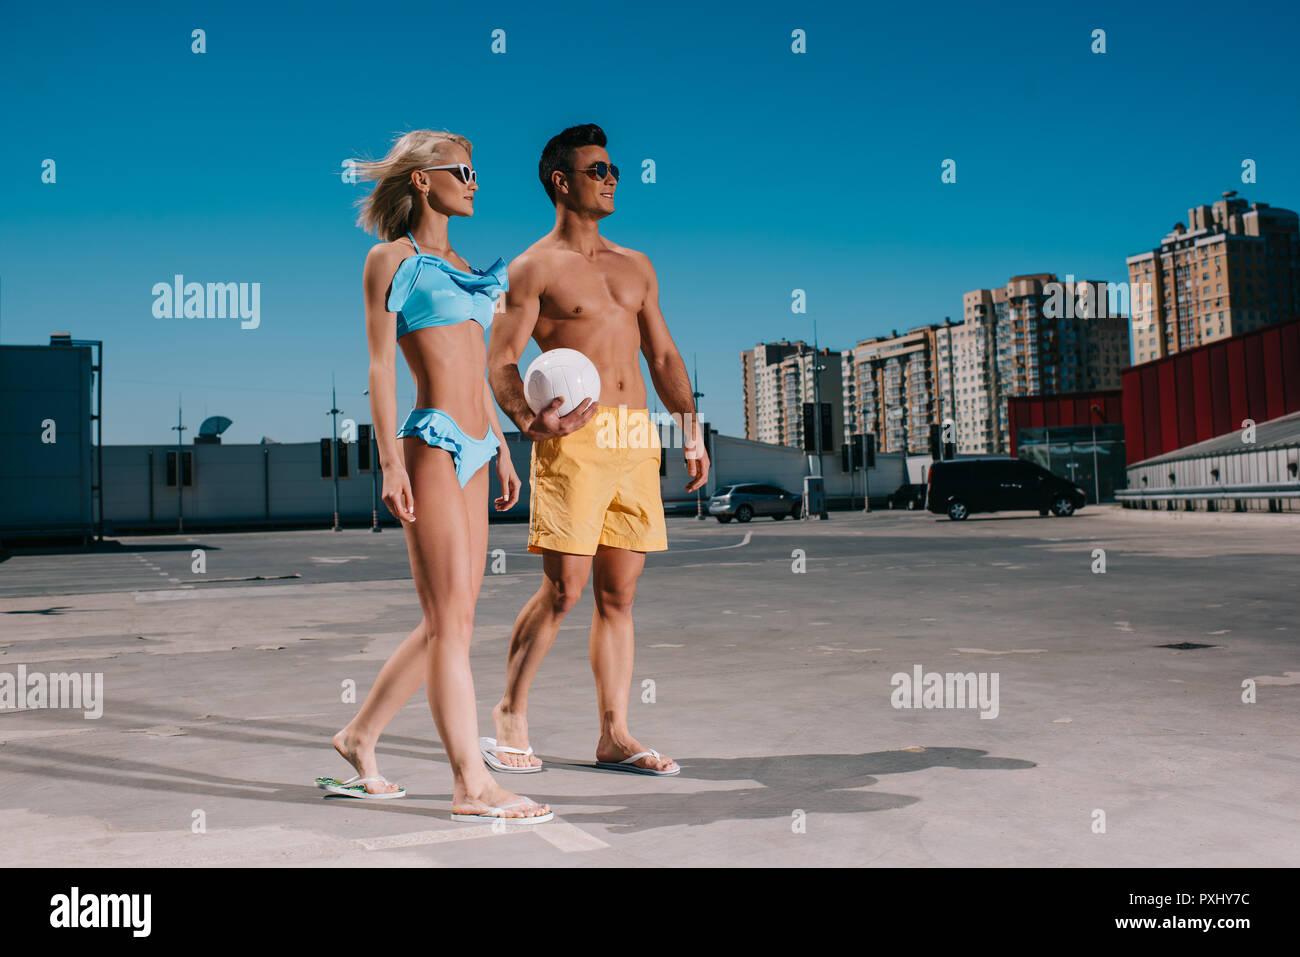 Coppia giovane in vestiti in spiaggia con sfera di pallavolo su parcheggio Immagini Stock